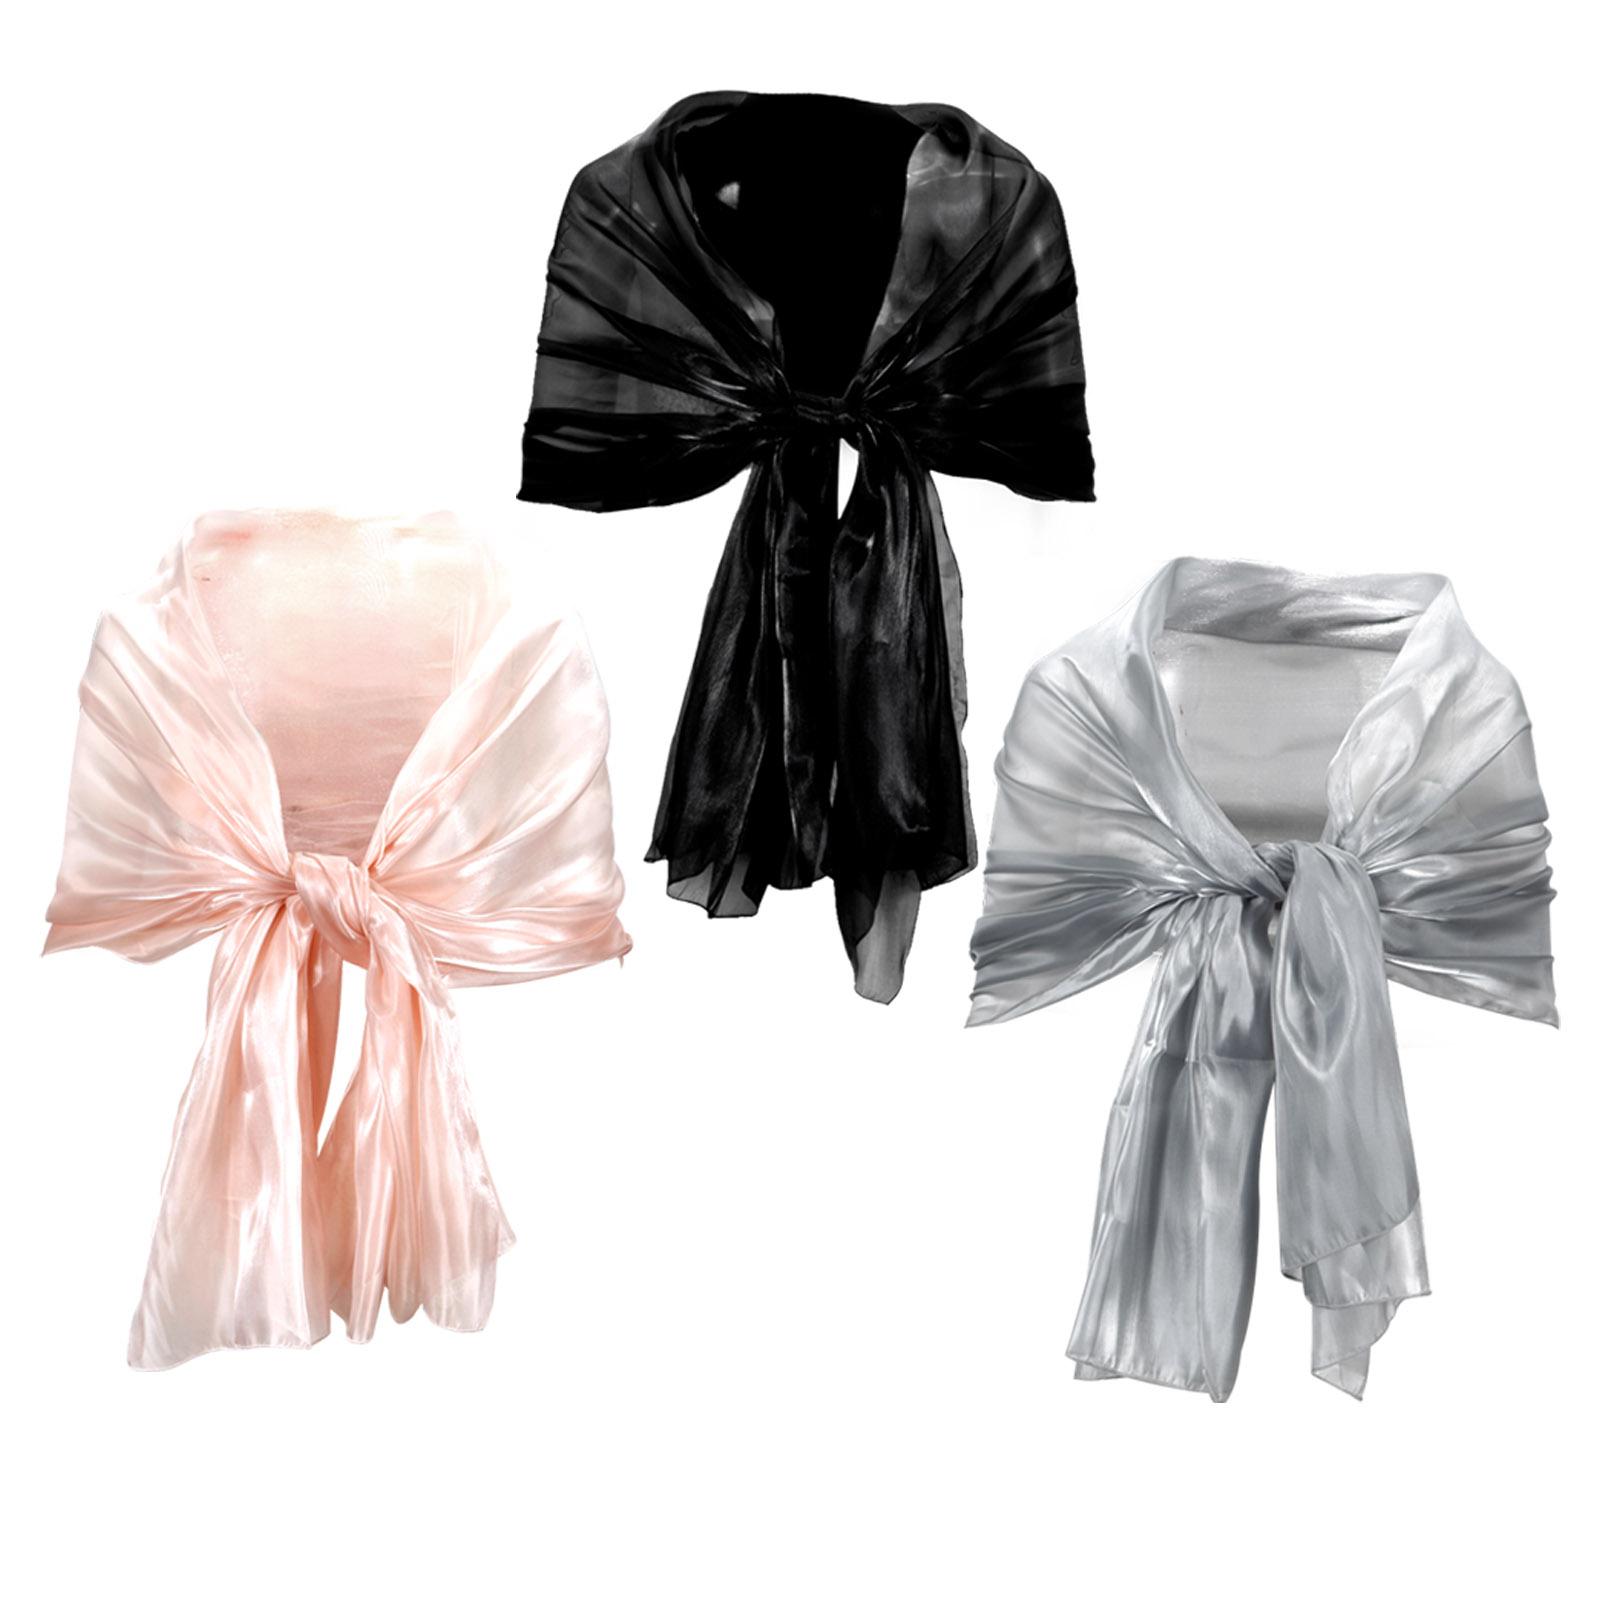 stola berwurf abendkleid chiffon schal pink schwarz grau. Black Bedroom Furniture Sets. Home Design Ideas